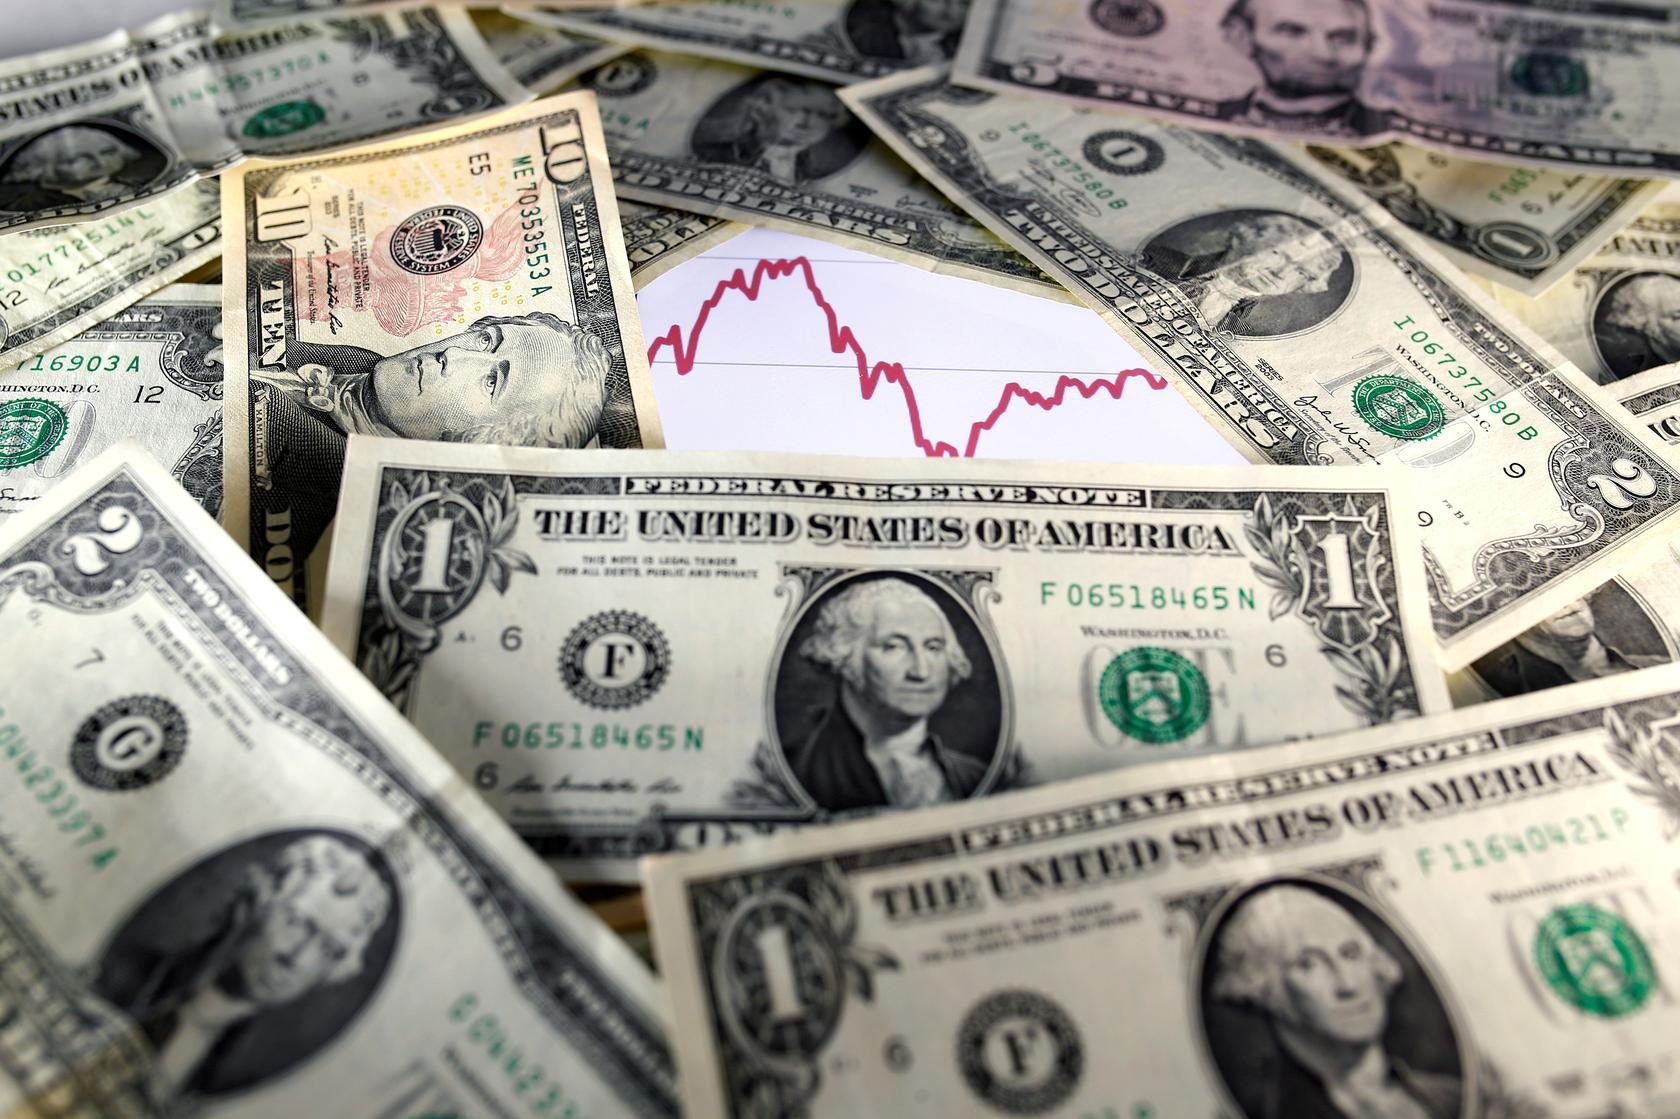 Tỷ giá USD hôm nay 3/1: Giảm trên thị trường quốc tế - Ảnh 1.